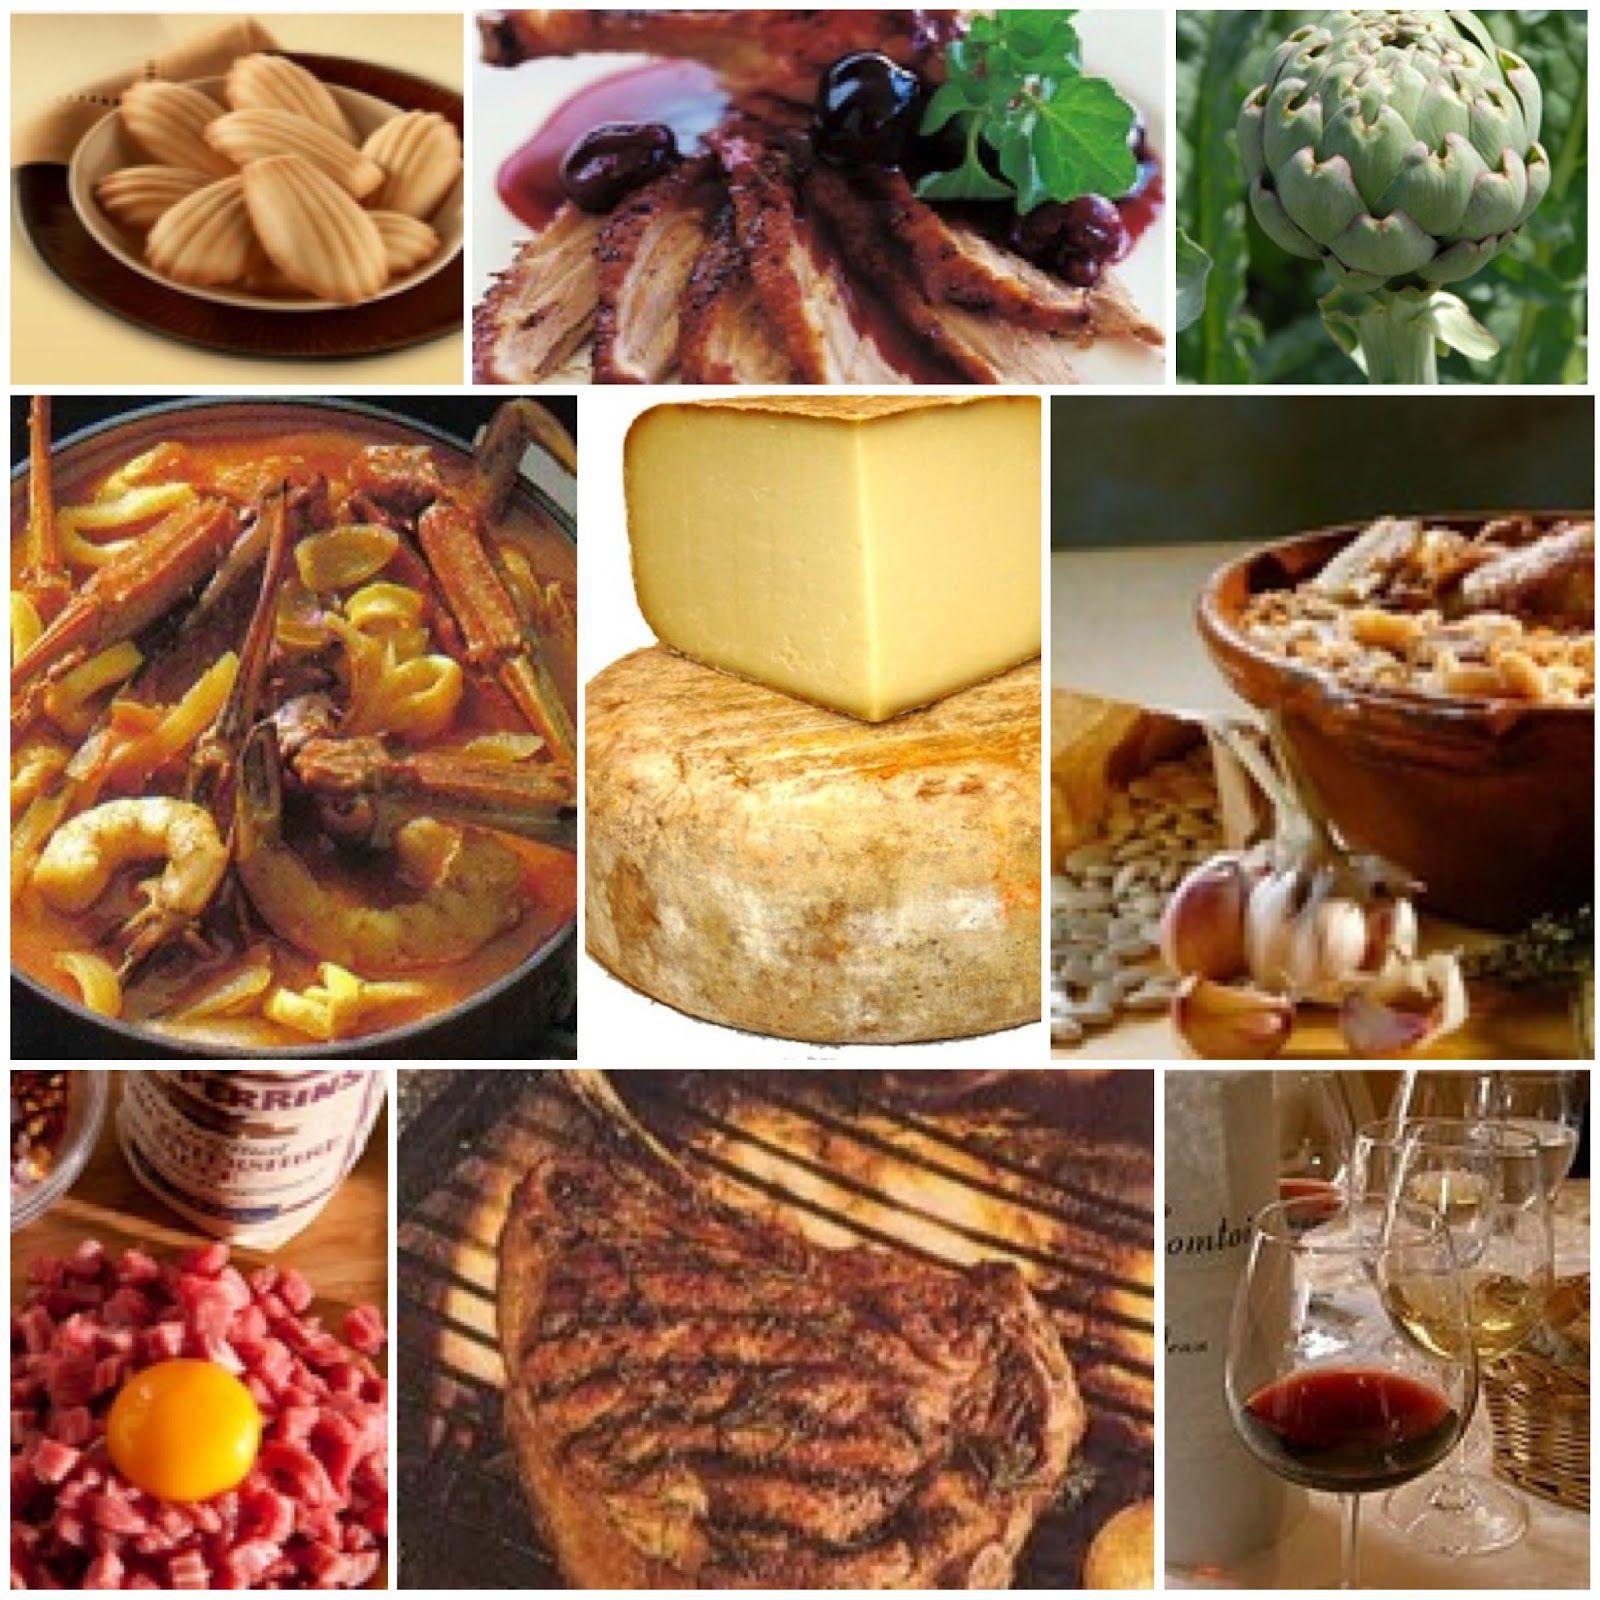 Cuisine Francaise French Cuisine Cuisine Food